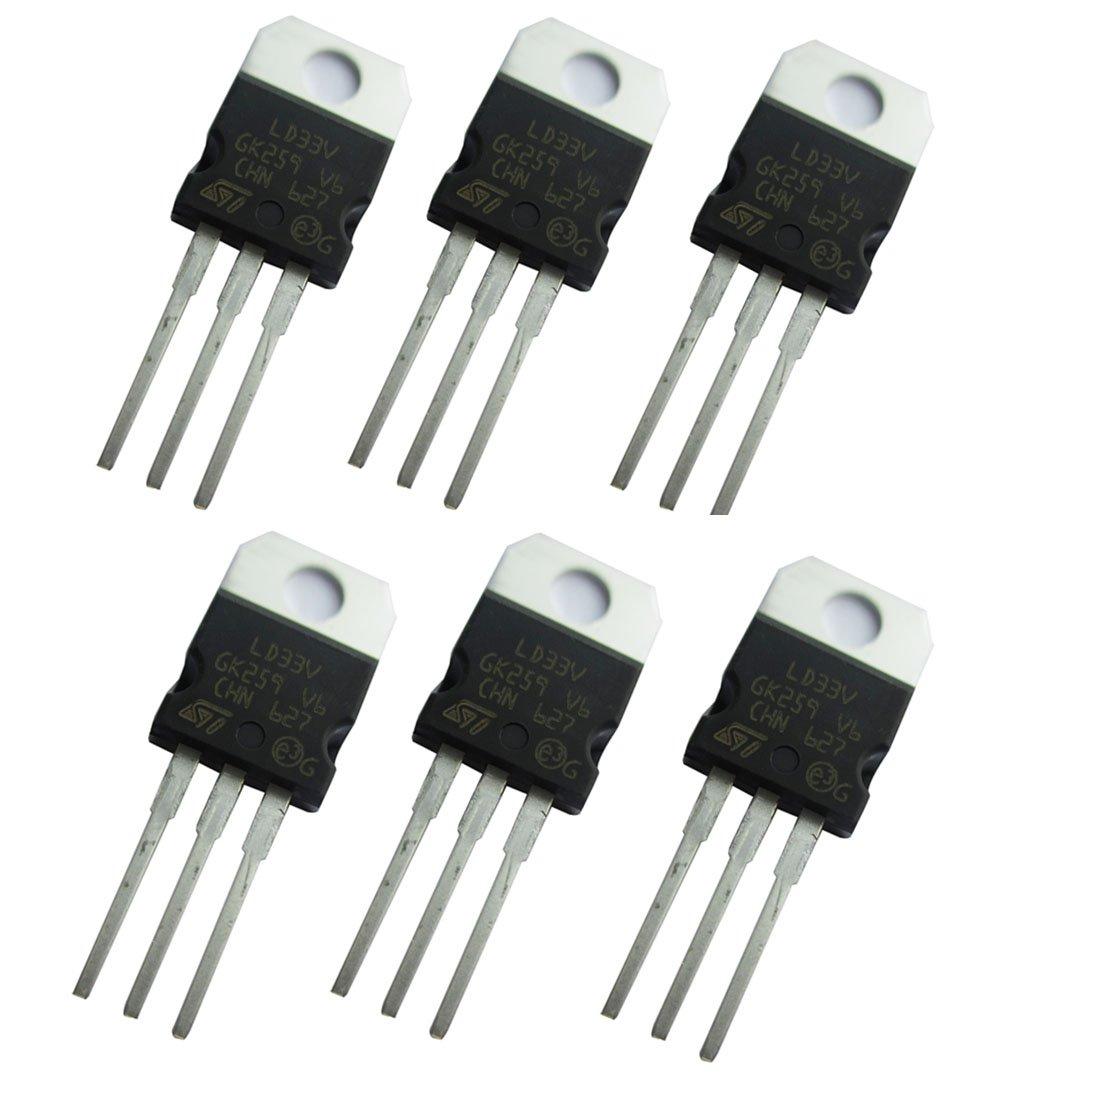 Bridgold 10pcs LM1117T-3.3V LM1117 LM Low Dropout Positive Voltage Regulator 1A,TO-220.